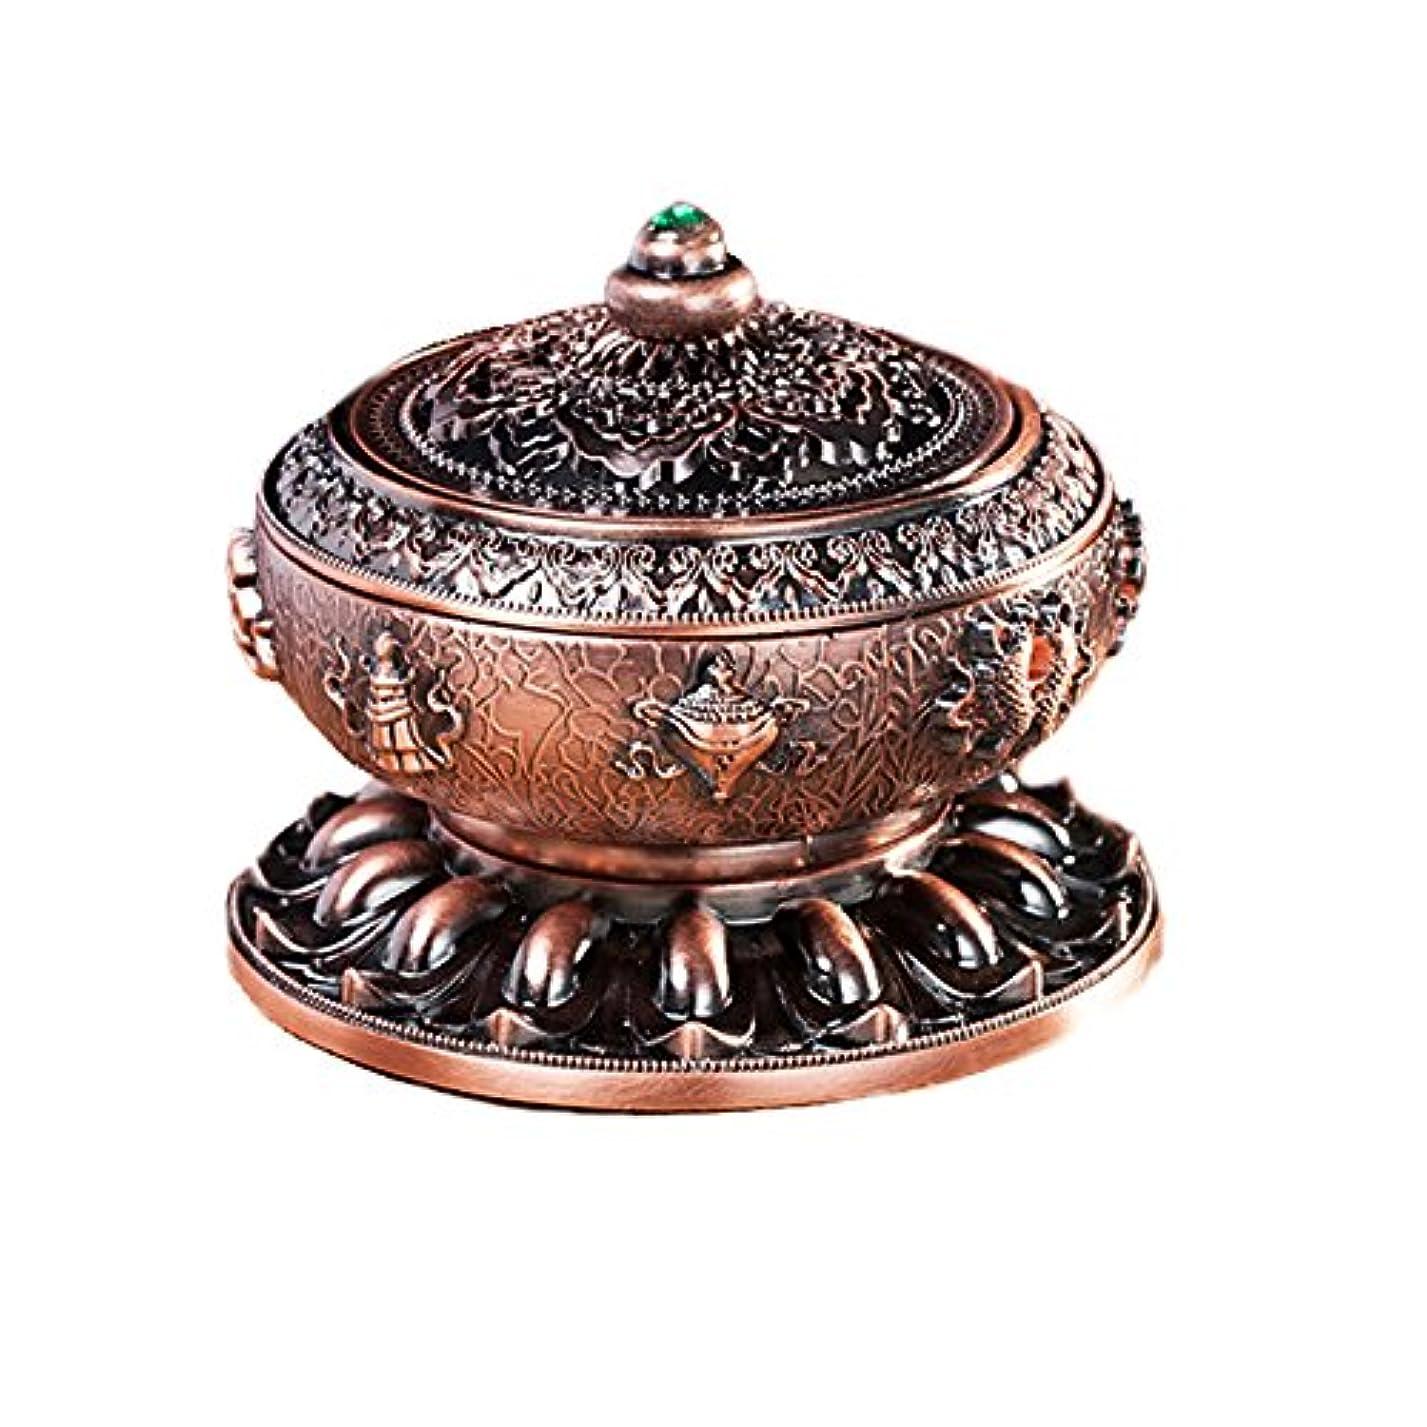 透けるアートスリムBUYSEEY 香炉 青銅 ブロンズ 丸香炉 お香立て 渦巻き線香 などに 香立て付き アロマ(S)